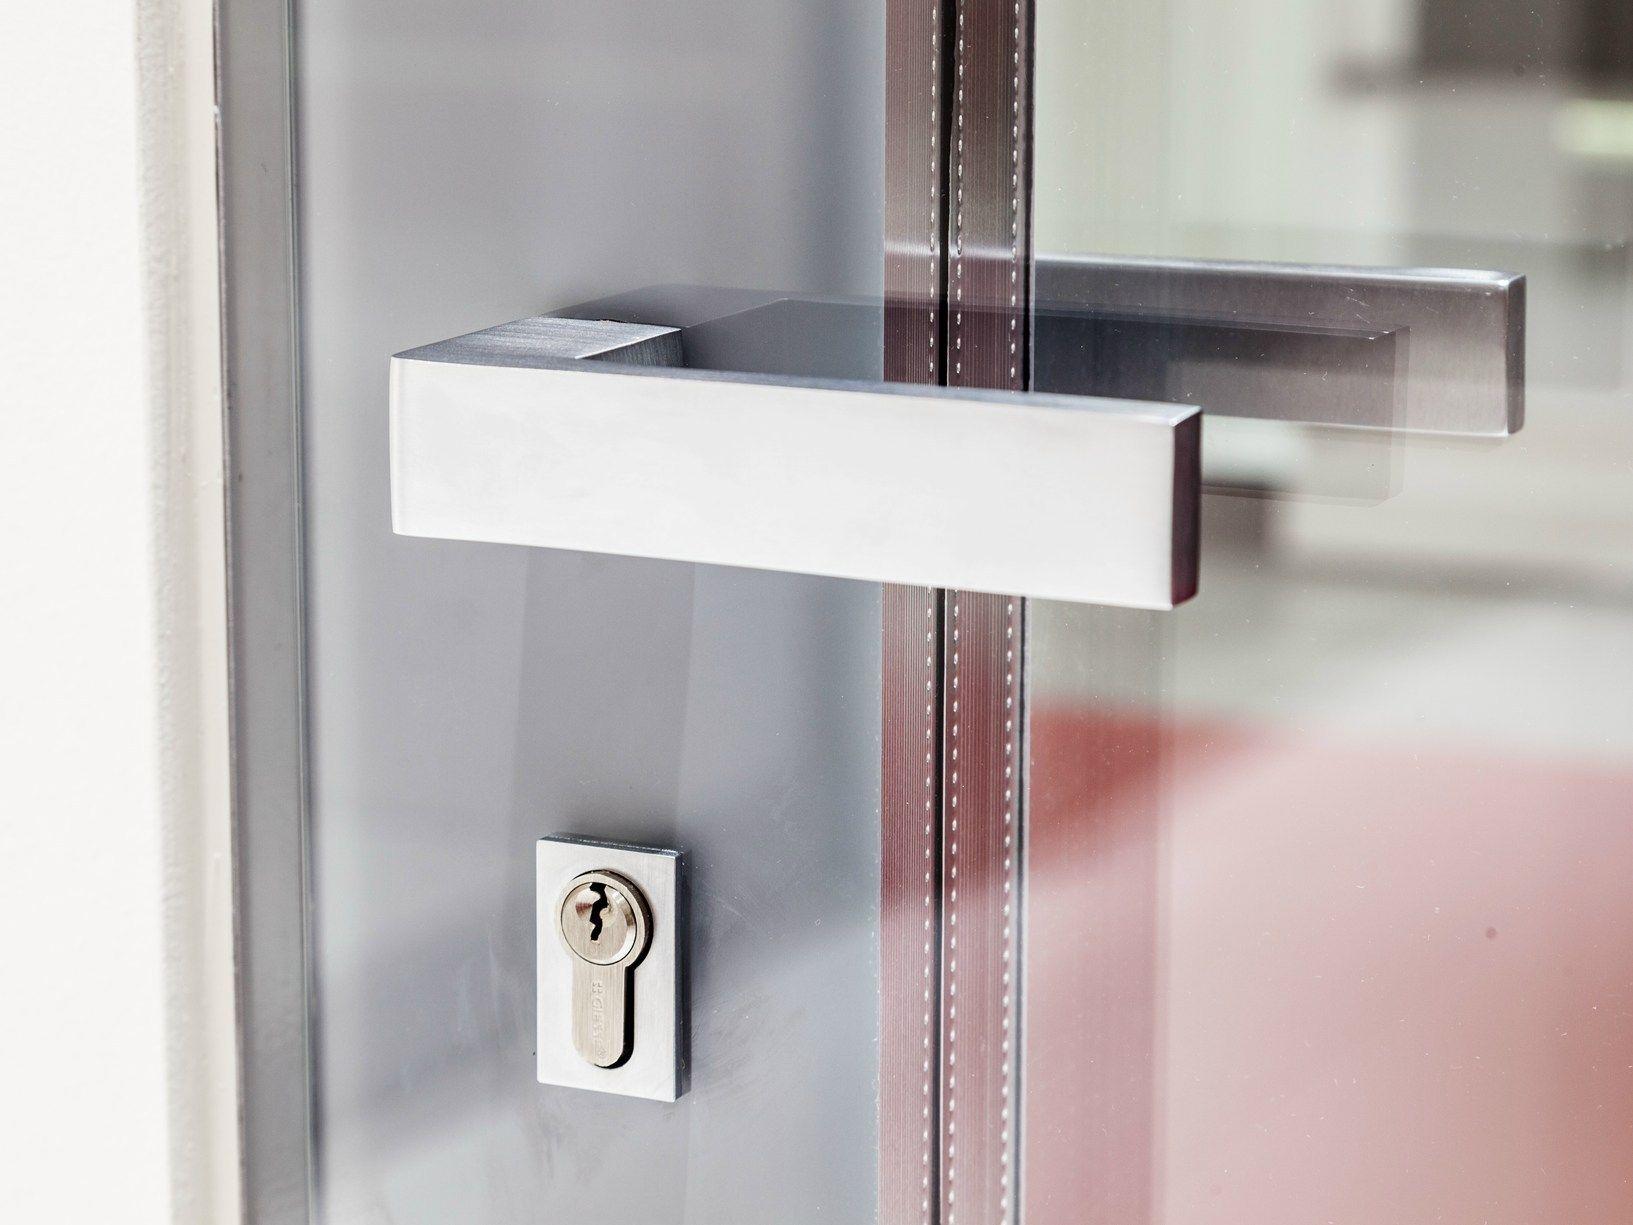 Nuovi tocchi di classe per le finestre e porte finestre a battente ESSENZA